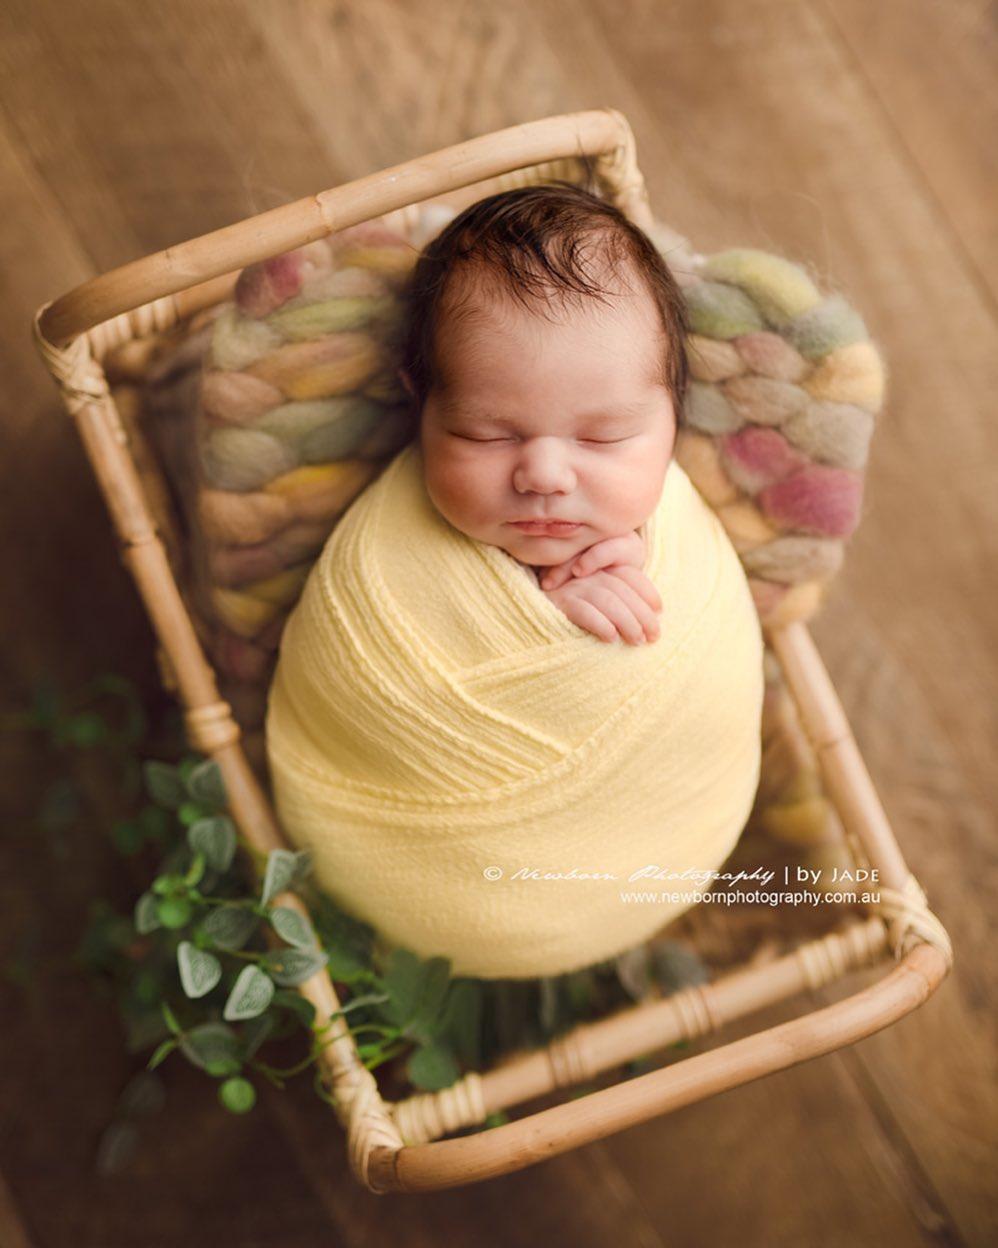 fotos de bebés como si fueran un huevo